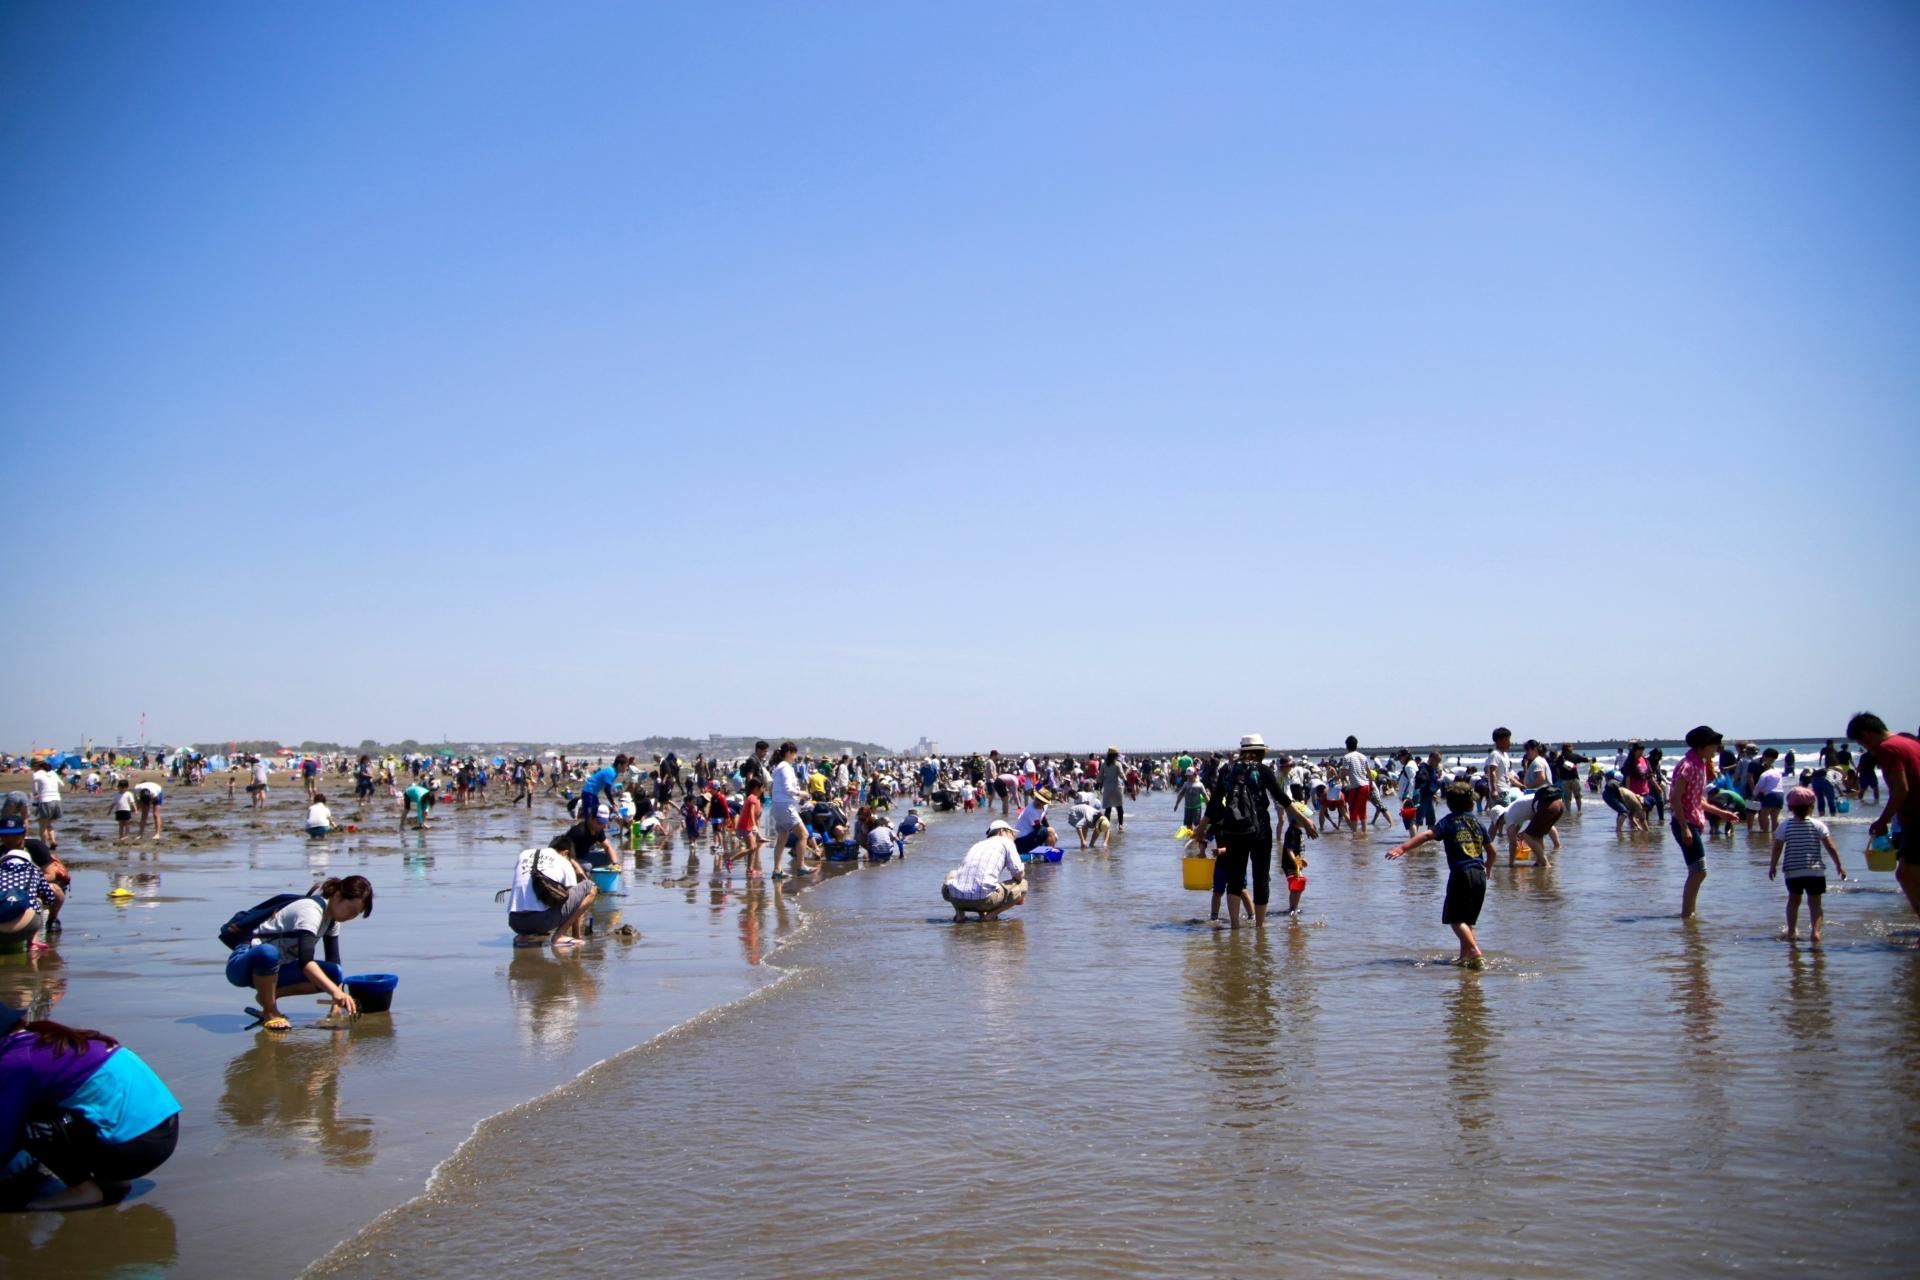 潮干狩りのシーズンや人気スポットについて